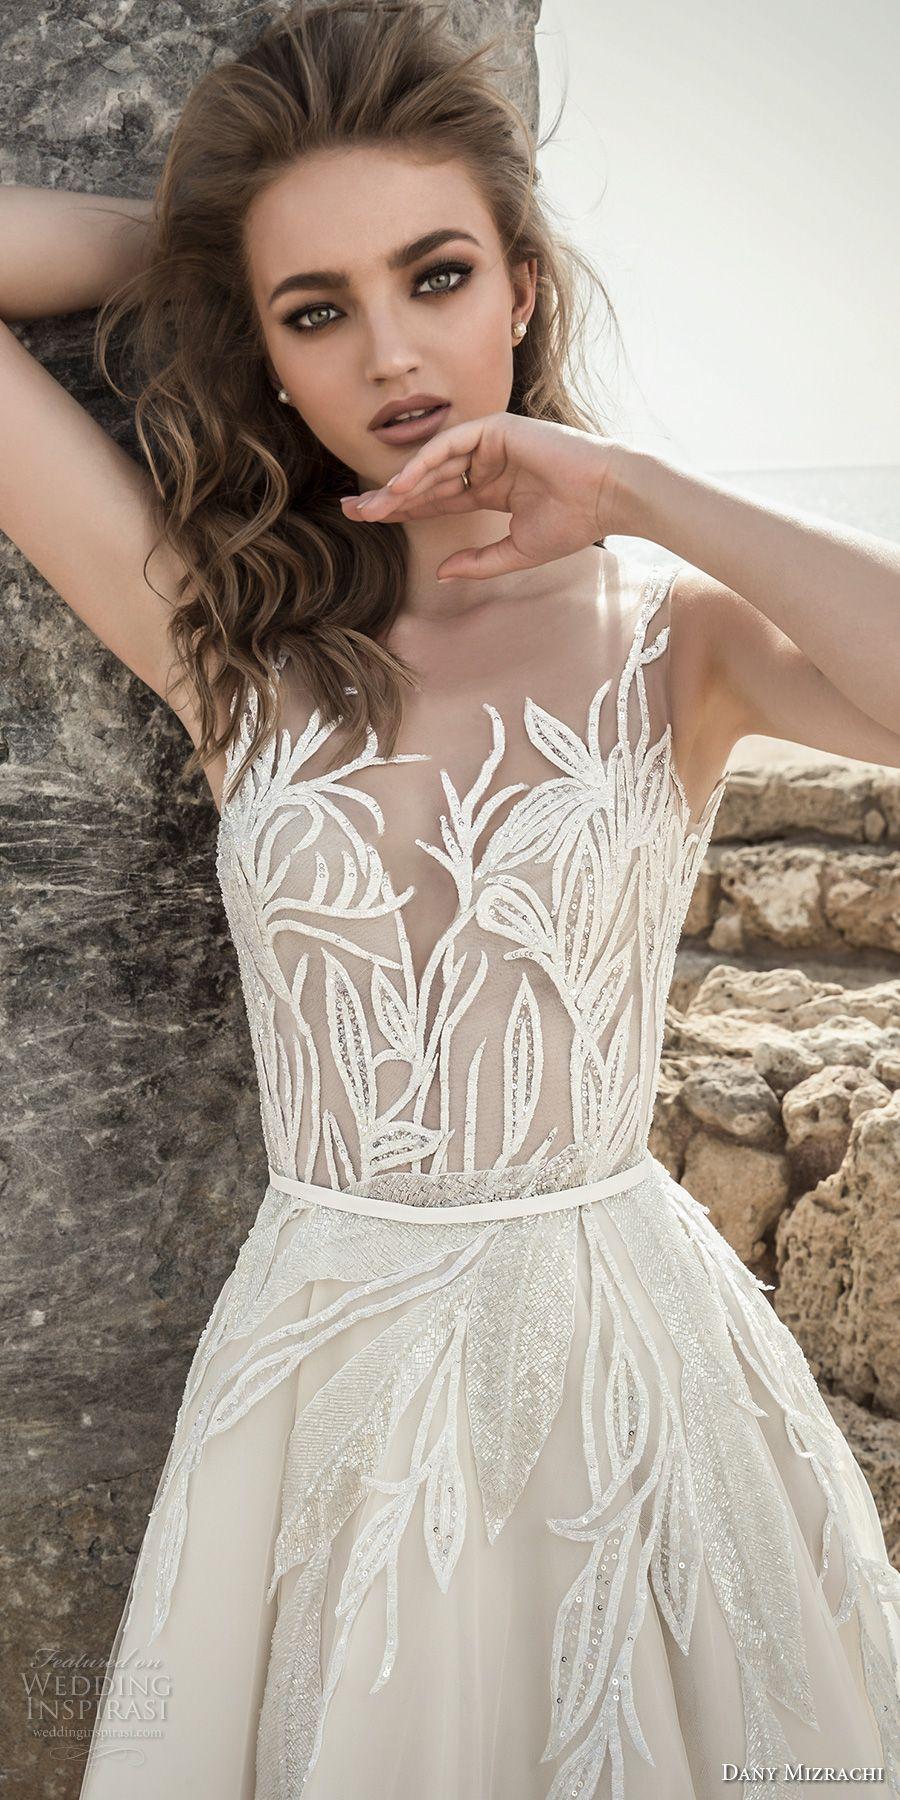 Dany mizrachi wedding dresses bodice neckline and wedding dress